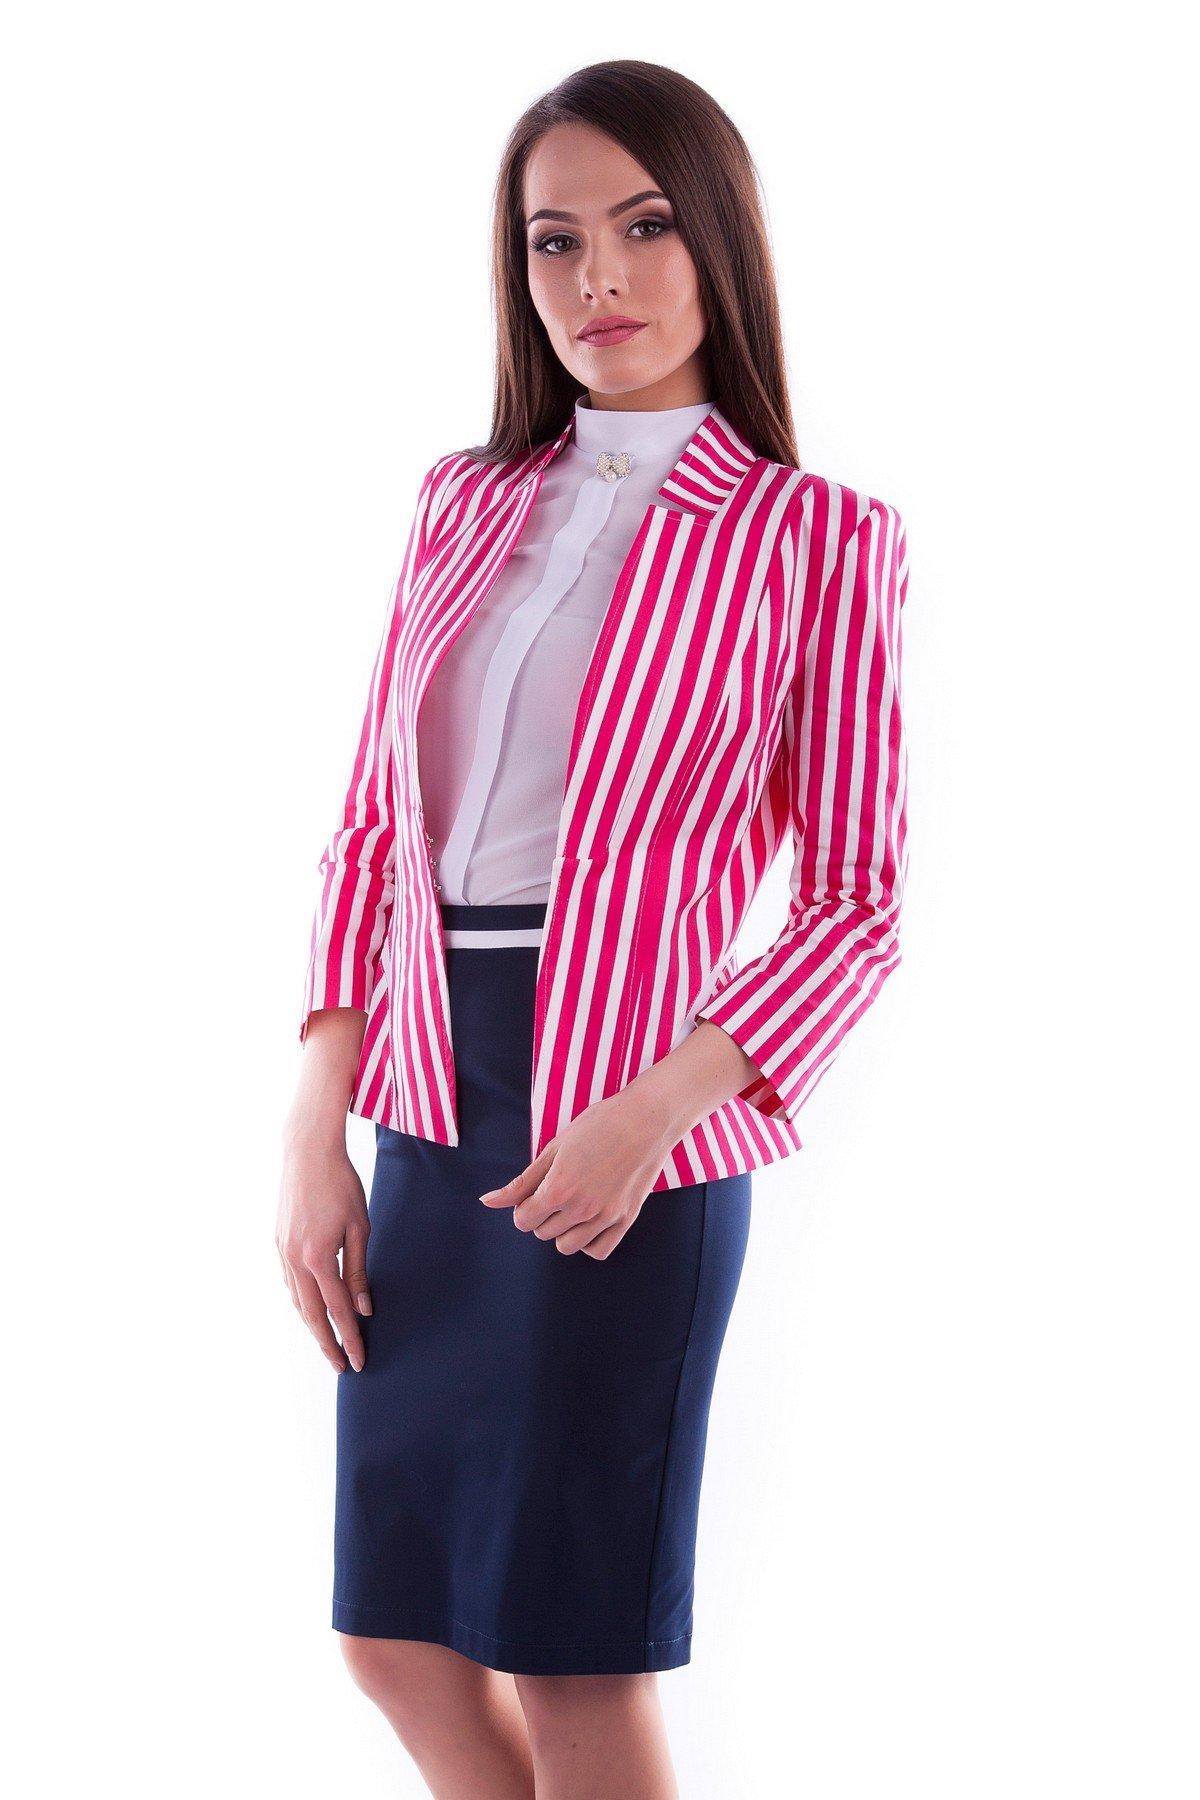 модный пиджак женский в полоску 2018 года фото новинки модные тенденции